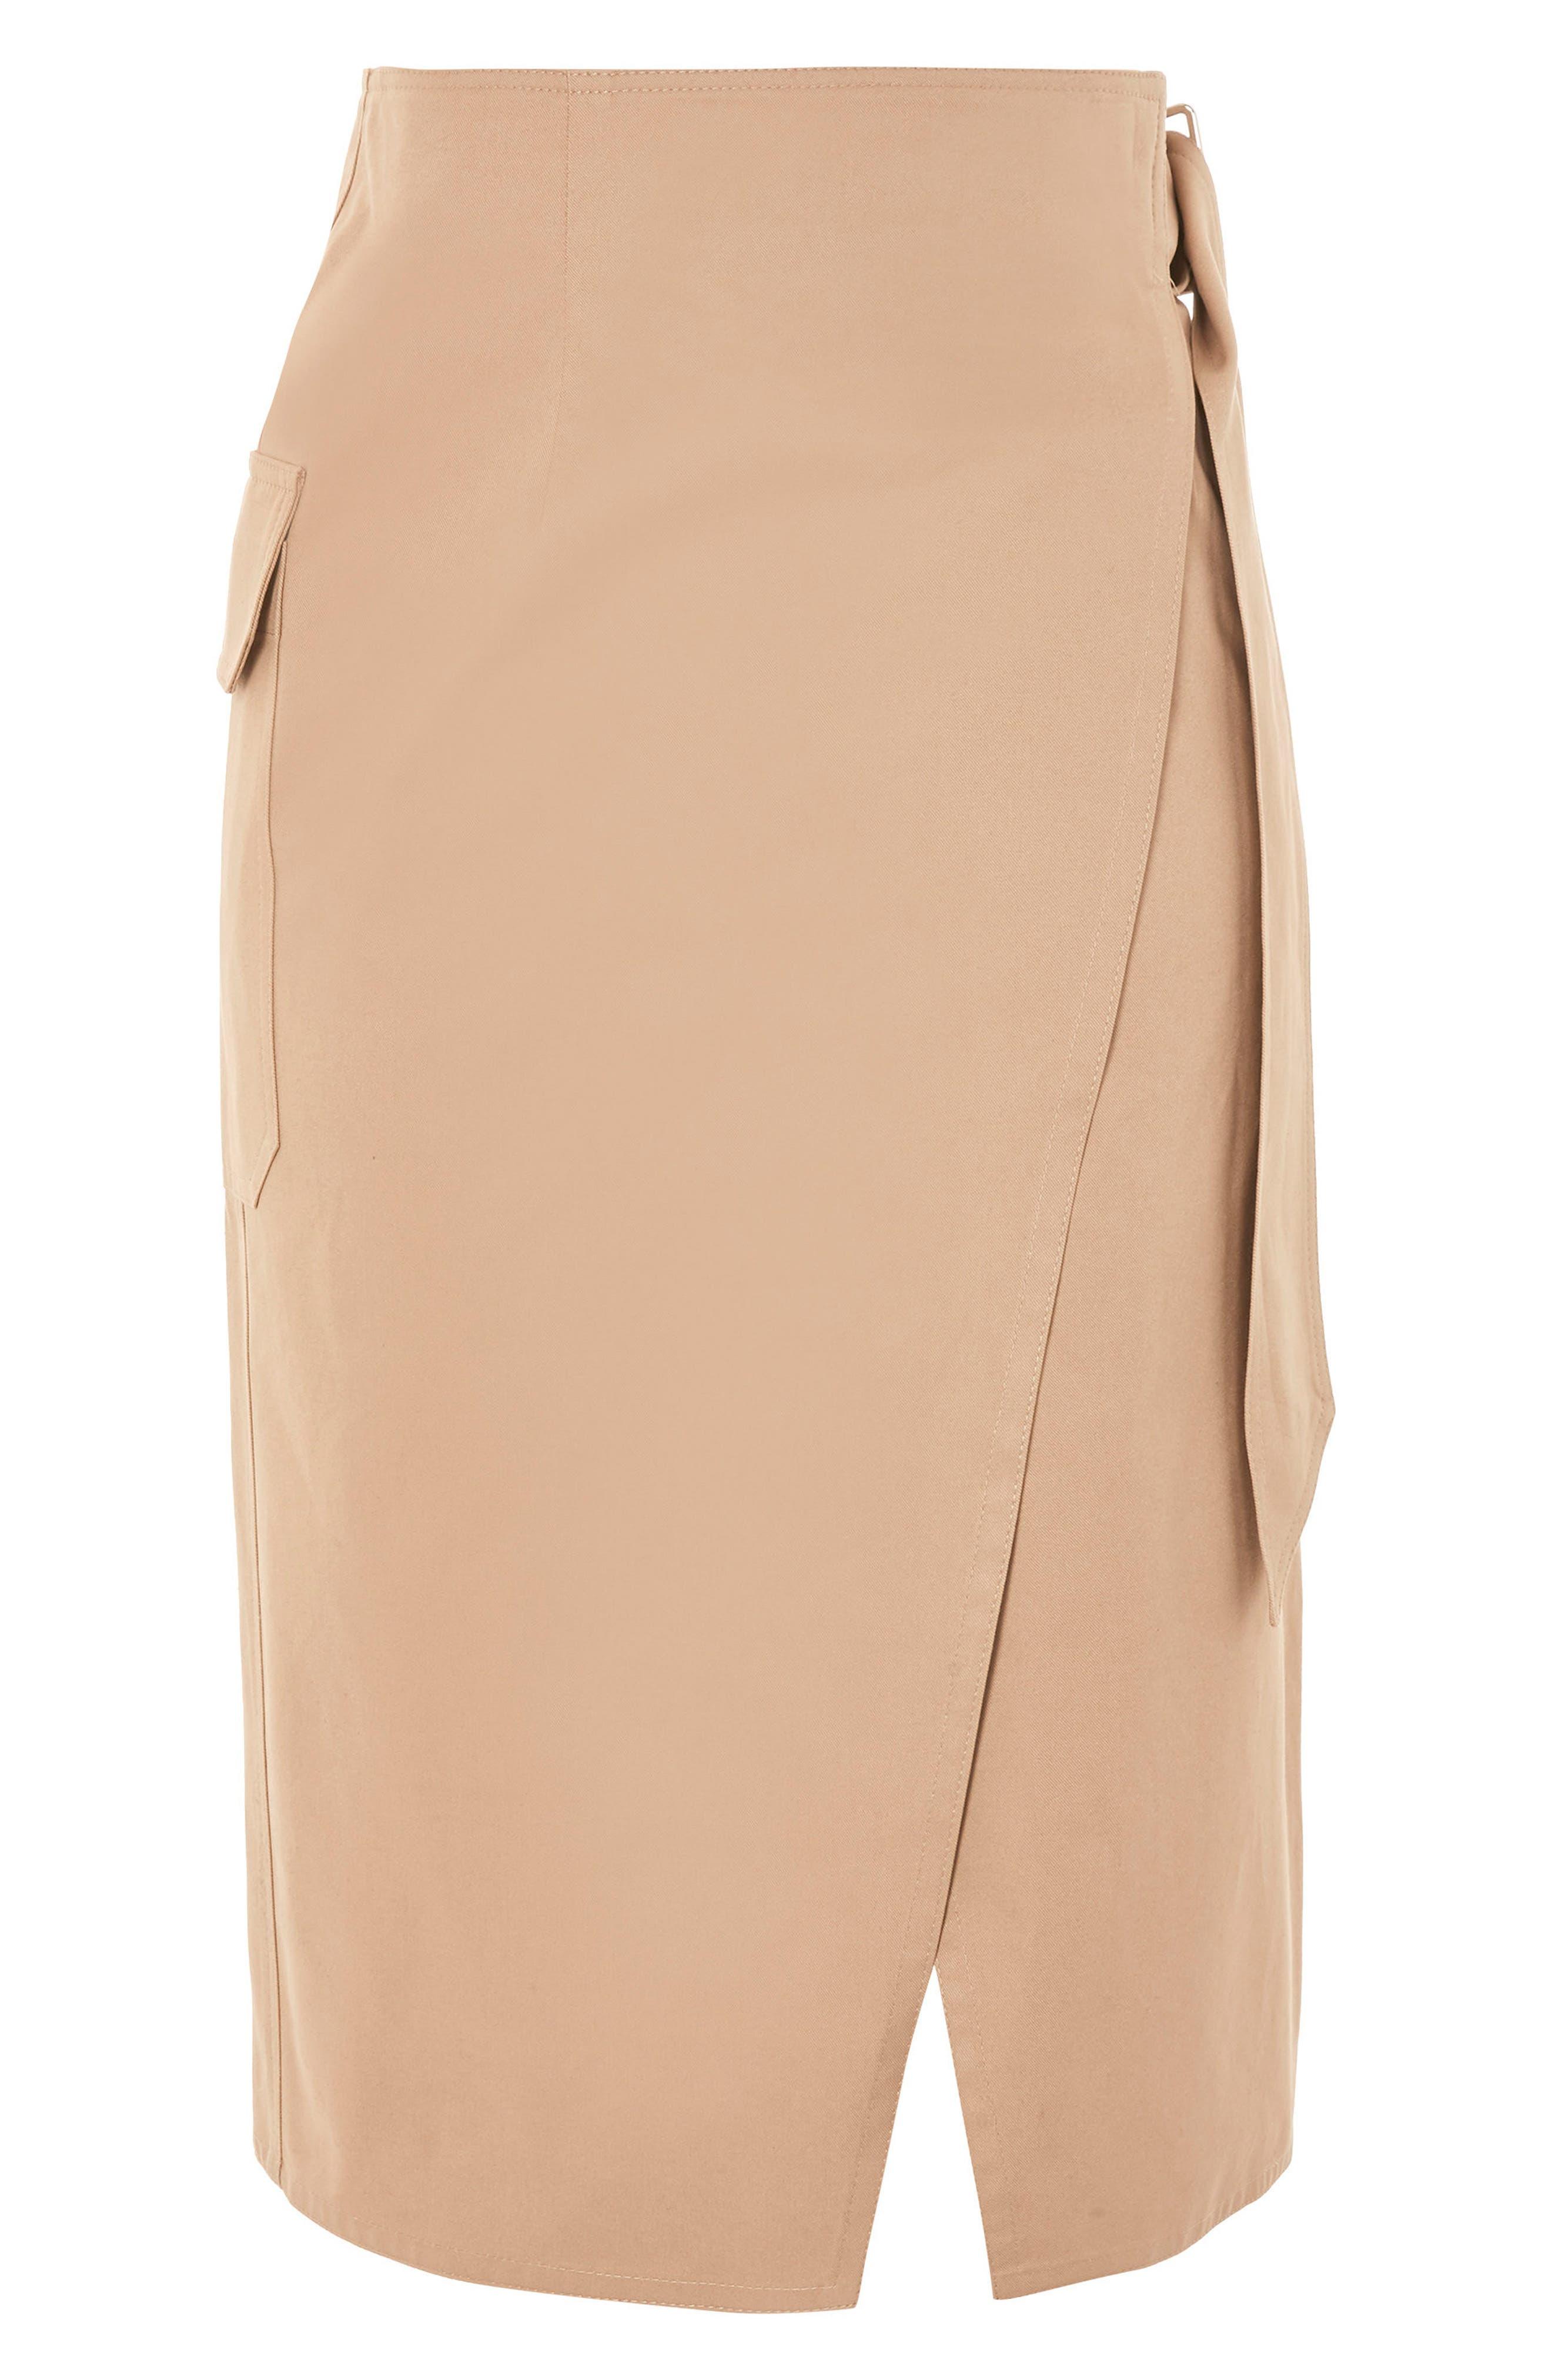 Main Image - Topshop Boutique Utility Wrap Skirt